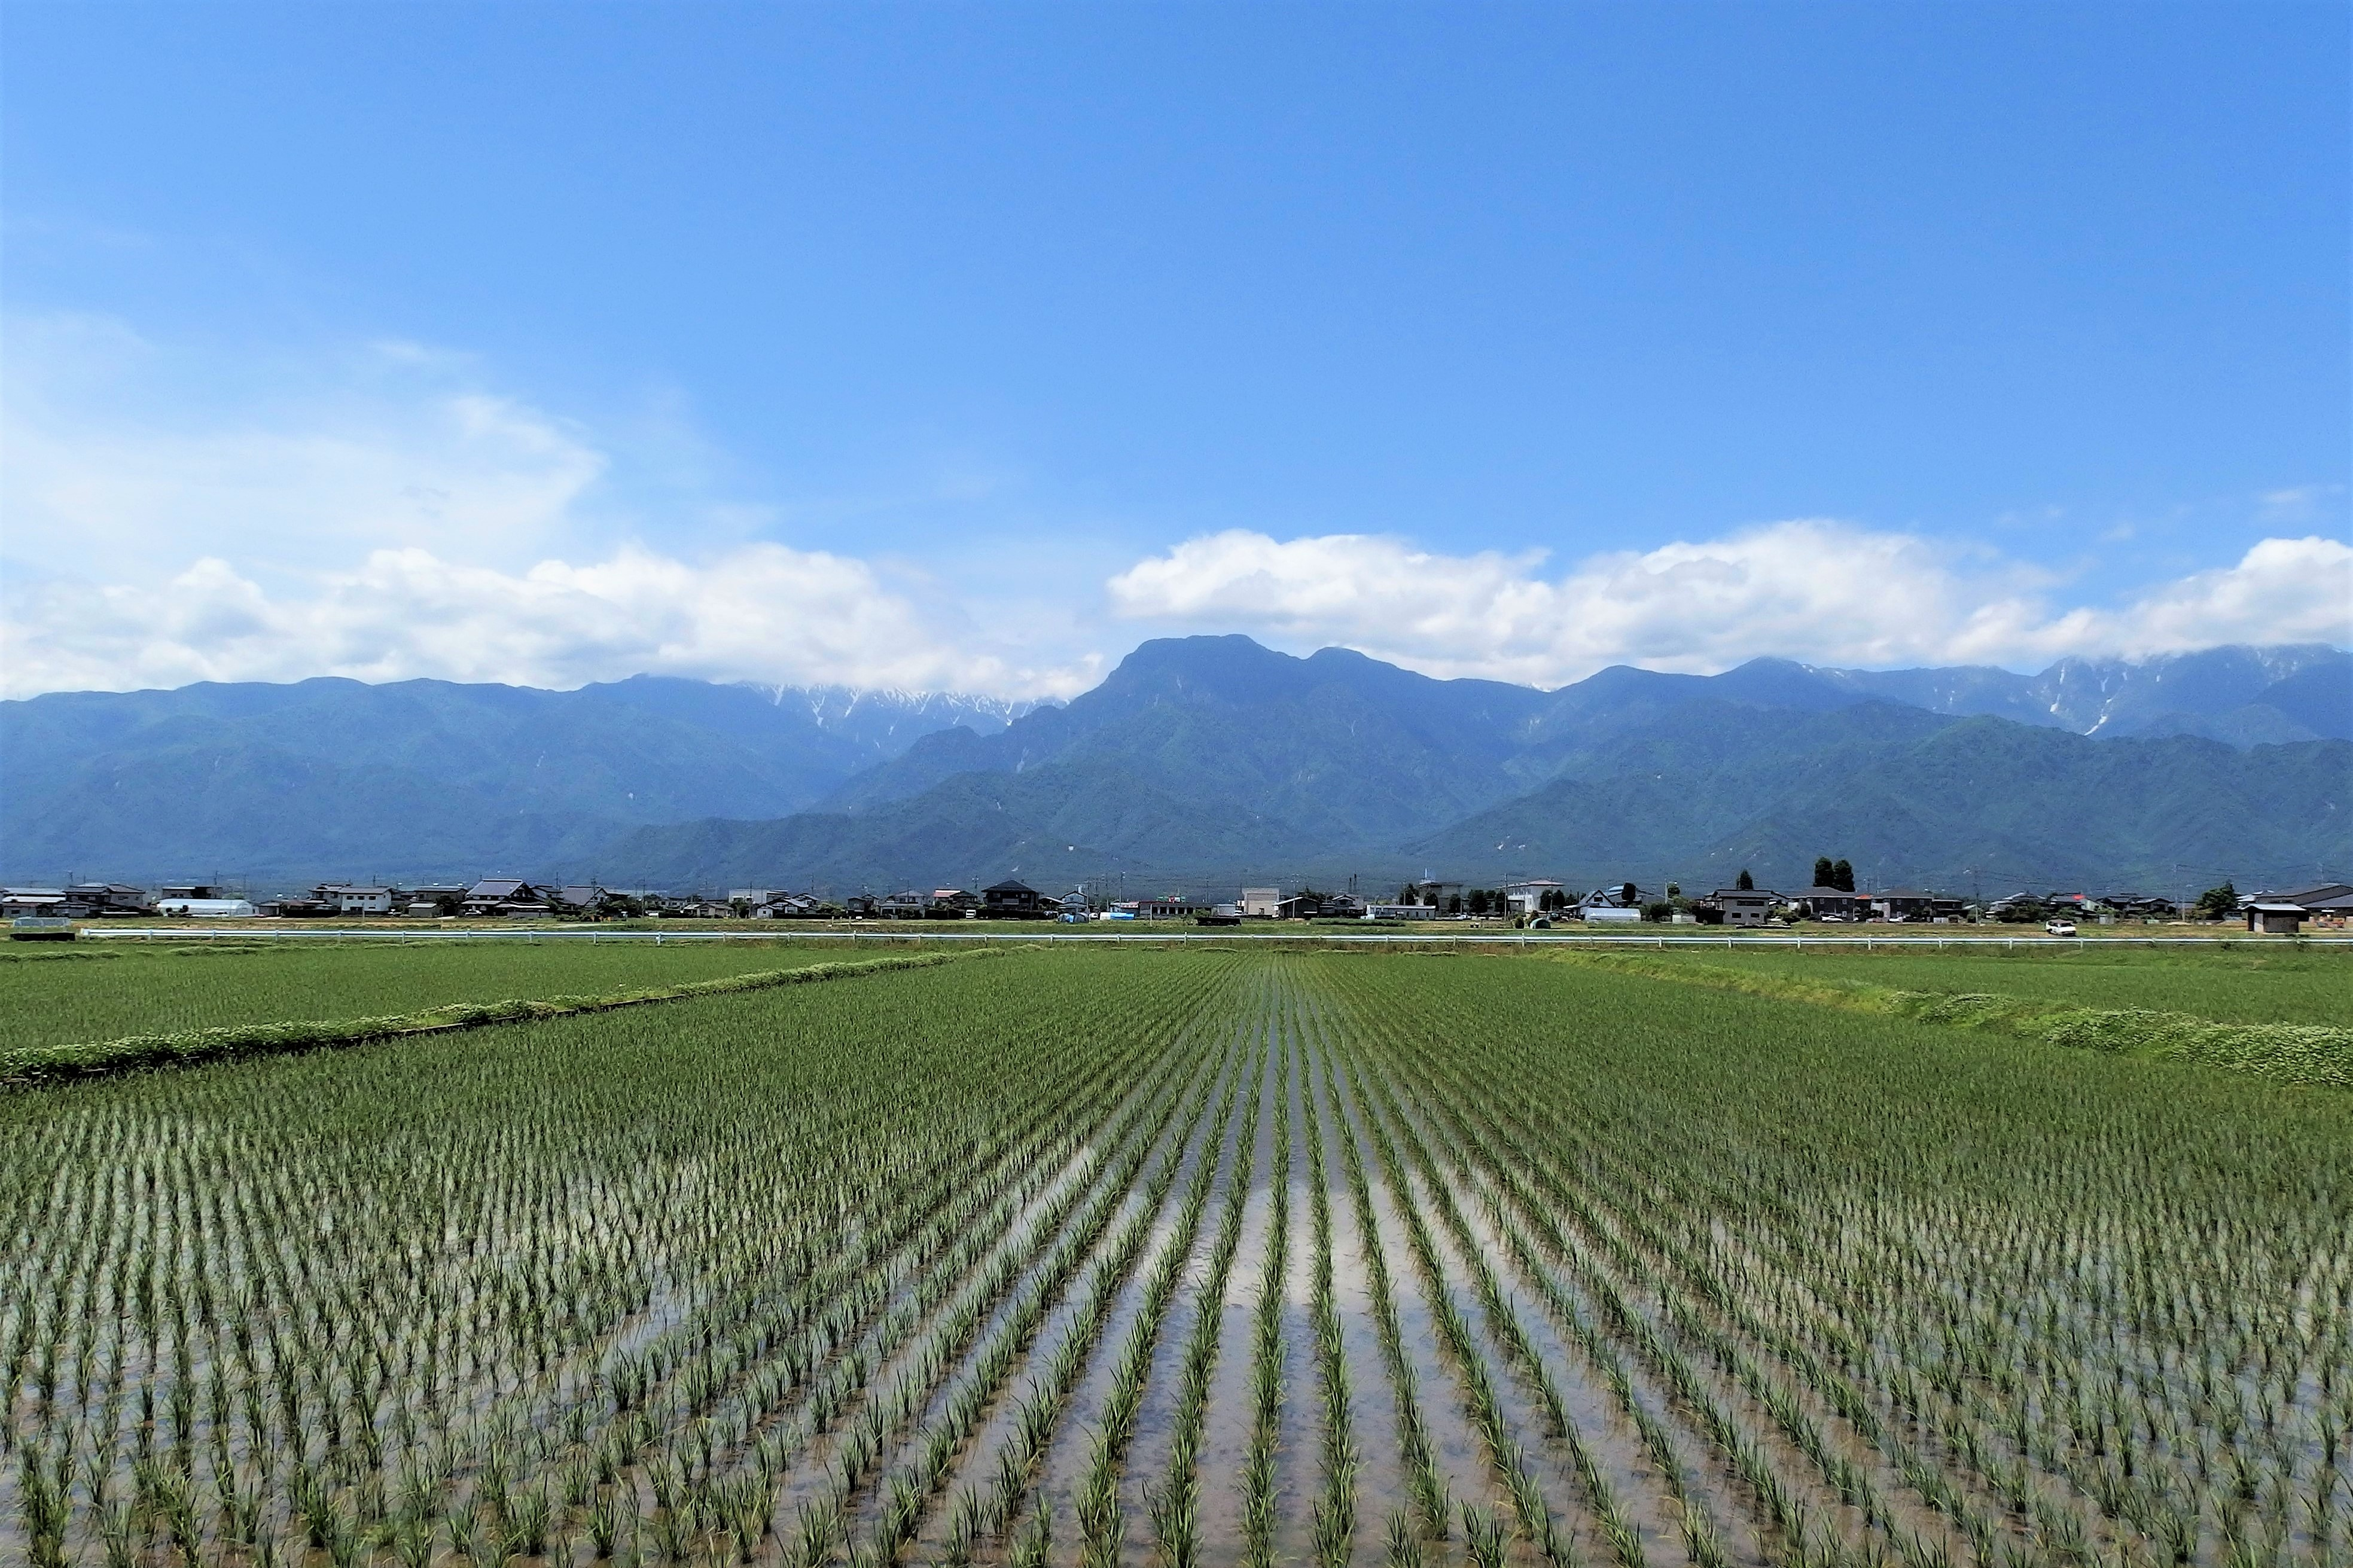 Ikeda city in Nagano